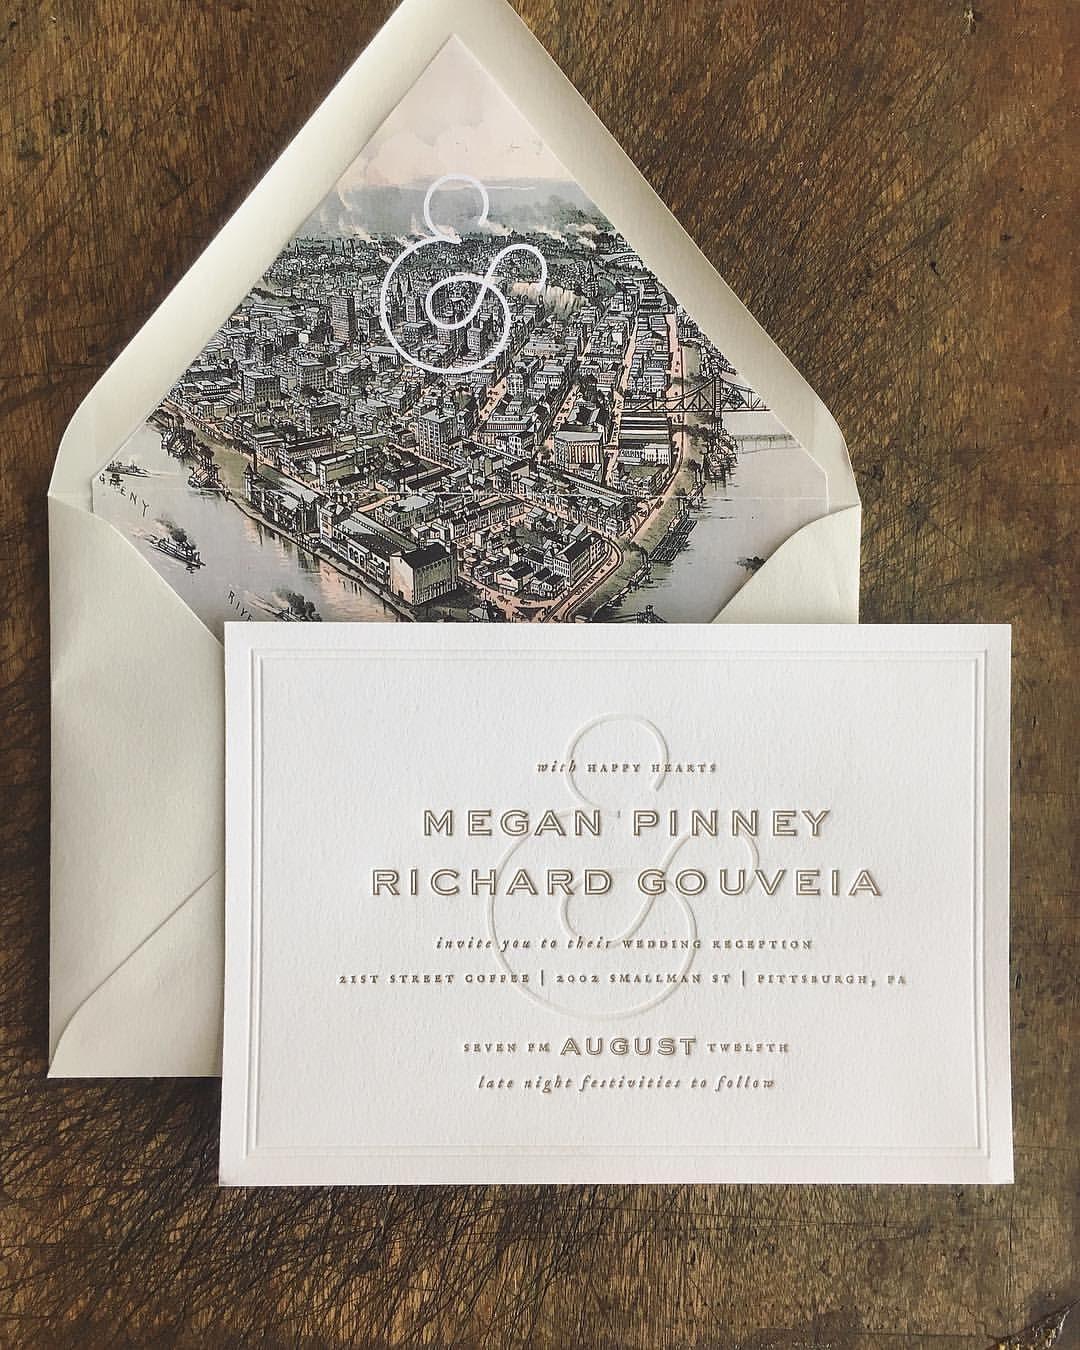 Modern Letterpress wedding invitation with a vintage map envelope ...